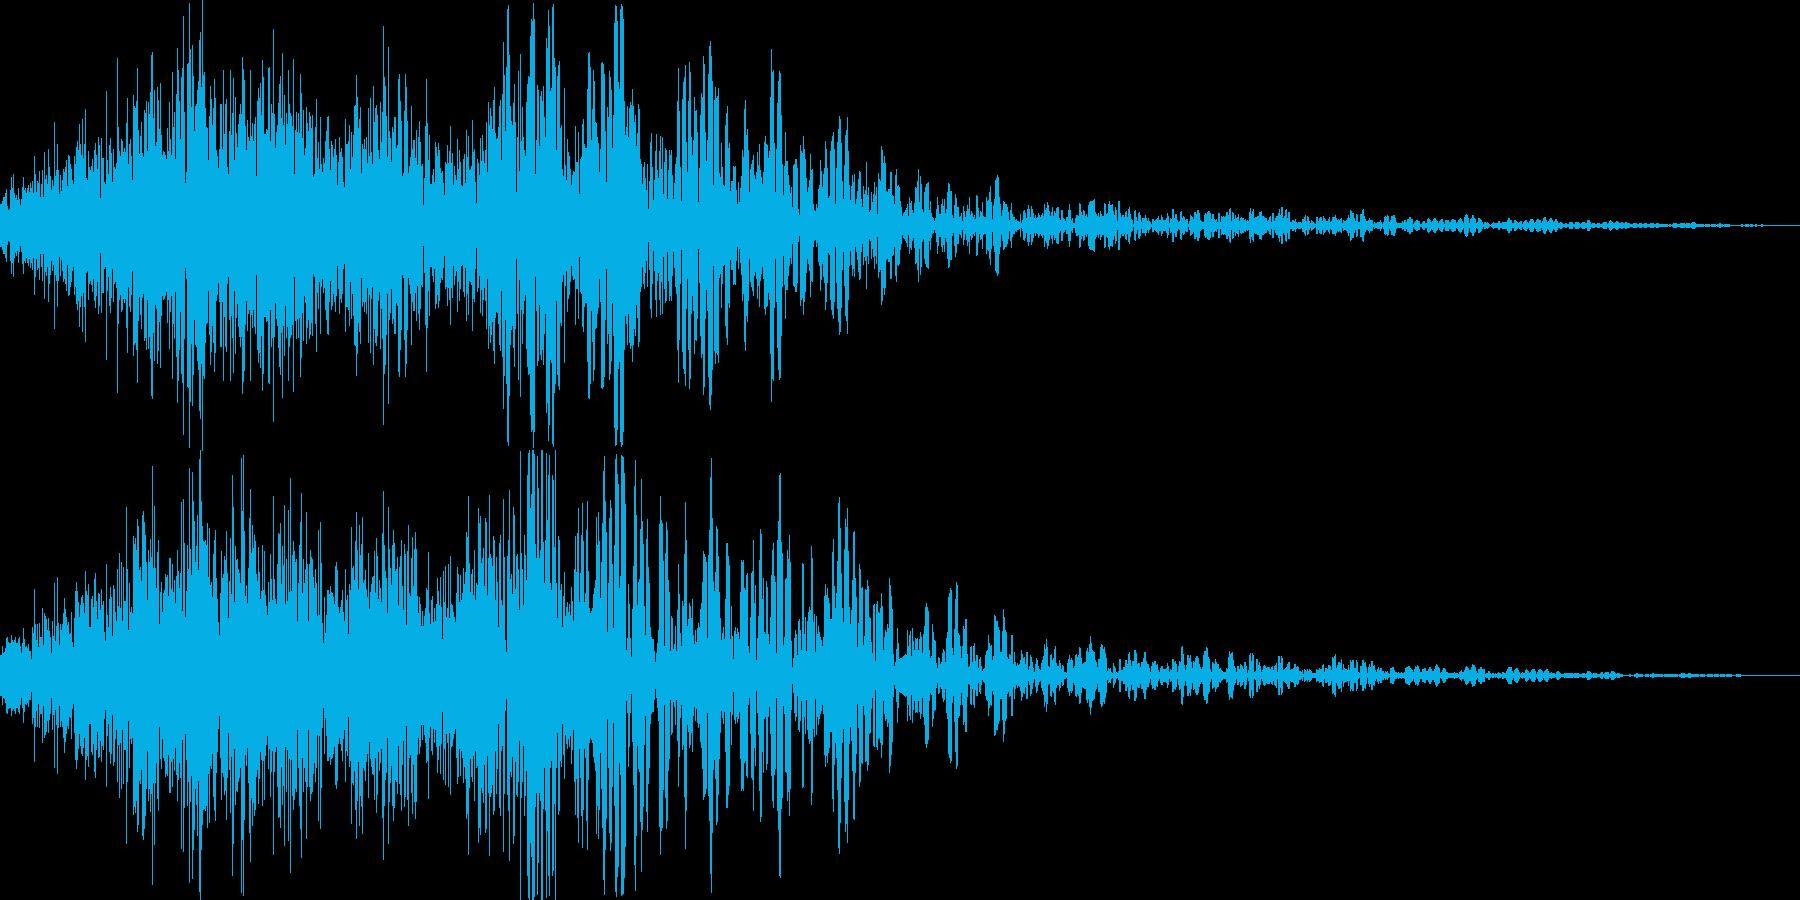 重力魔法(反重力空間の音)の再生済みの波形